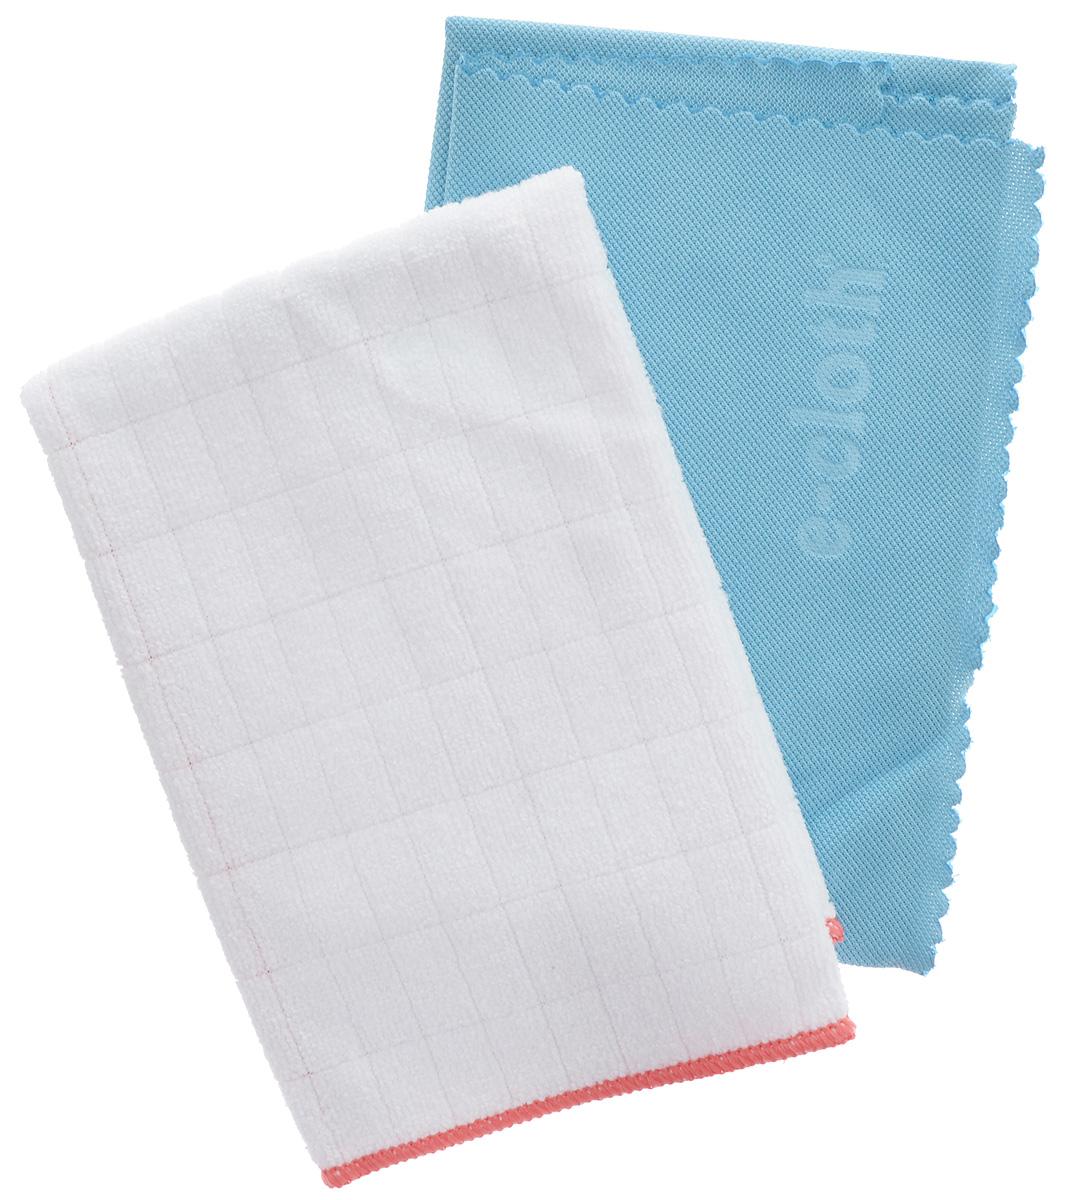 Салфетка E-cloth для полировки и очистки стекла, цвет: белый, голубой, 40 х 50 см + ПОДАРОК: антибактериальная салфетка20244_белый, голубойСалфетка E-cloth выполнена из качественного комбинированного материала: полиэстера и полиамида. Используется для очистки и полировки стеклянных, металлических и других твердых поверхностей без использования химических средств. Достаточно лишь смочить салфетку водой для очистки поверхности от жира и других загрязнений. Для полировки и придания блеска используйте сухую салфетку. Не оставляет разводов. Удаляет свыше 99% бактерий. Выдерживает до 300 циклов стирки без потери эффективности.Материал: 80% полиэстер, 20% полиамид.Размер салфетки: 40 х 50 см.В подарок прилагается антибактериальная салфетка (32 х 32 см).